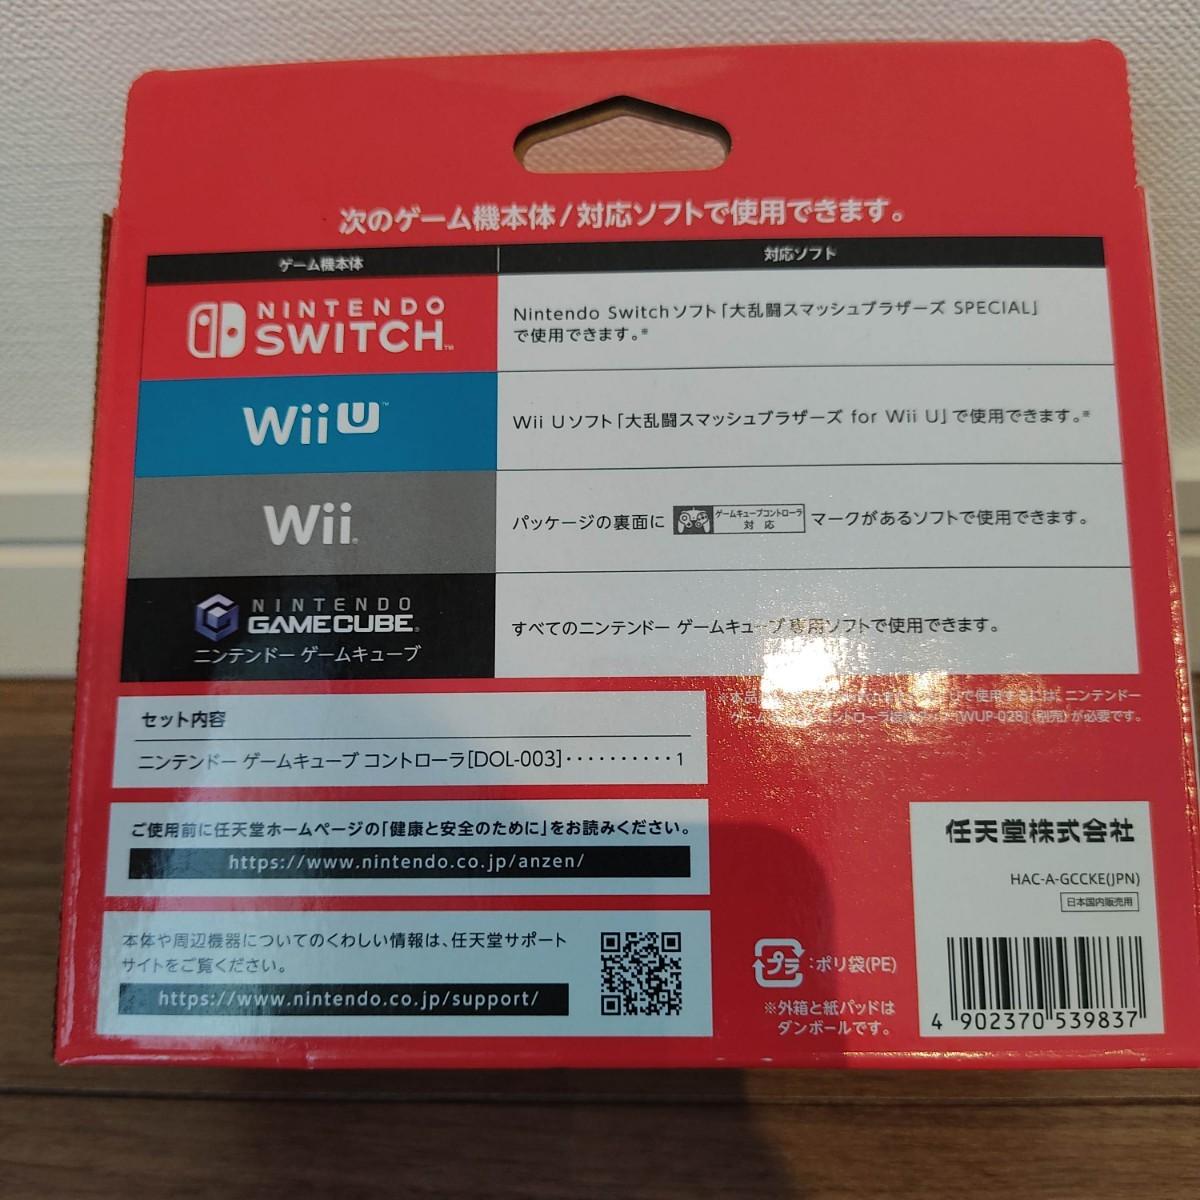 ニンテンドー  ゲームキューブコントローラ 大乱闘スマッシュブラザーズSPECIAL  ブラック ゲームキューブコントローラー